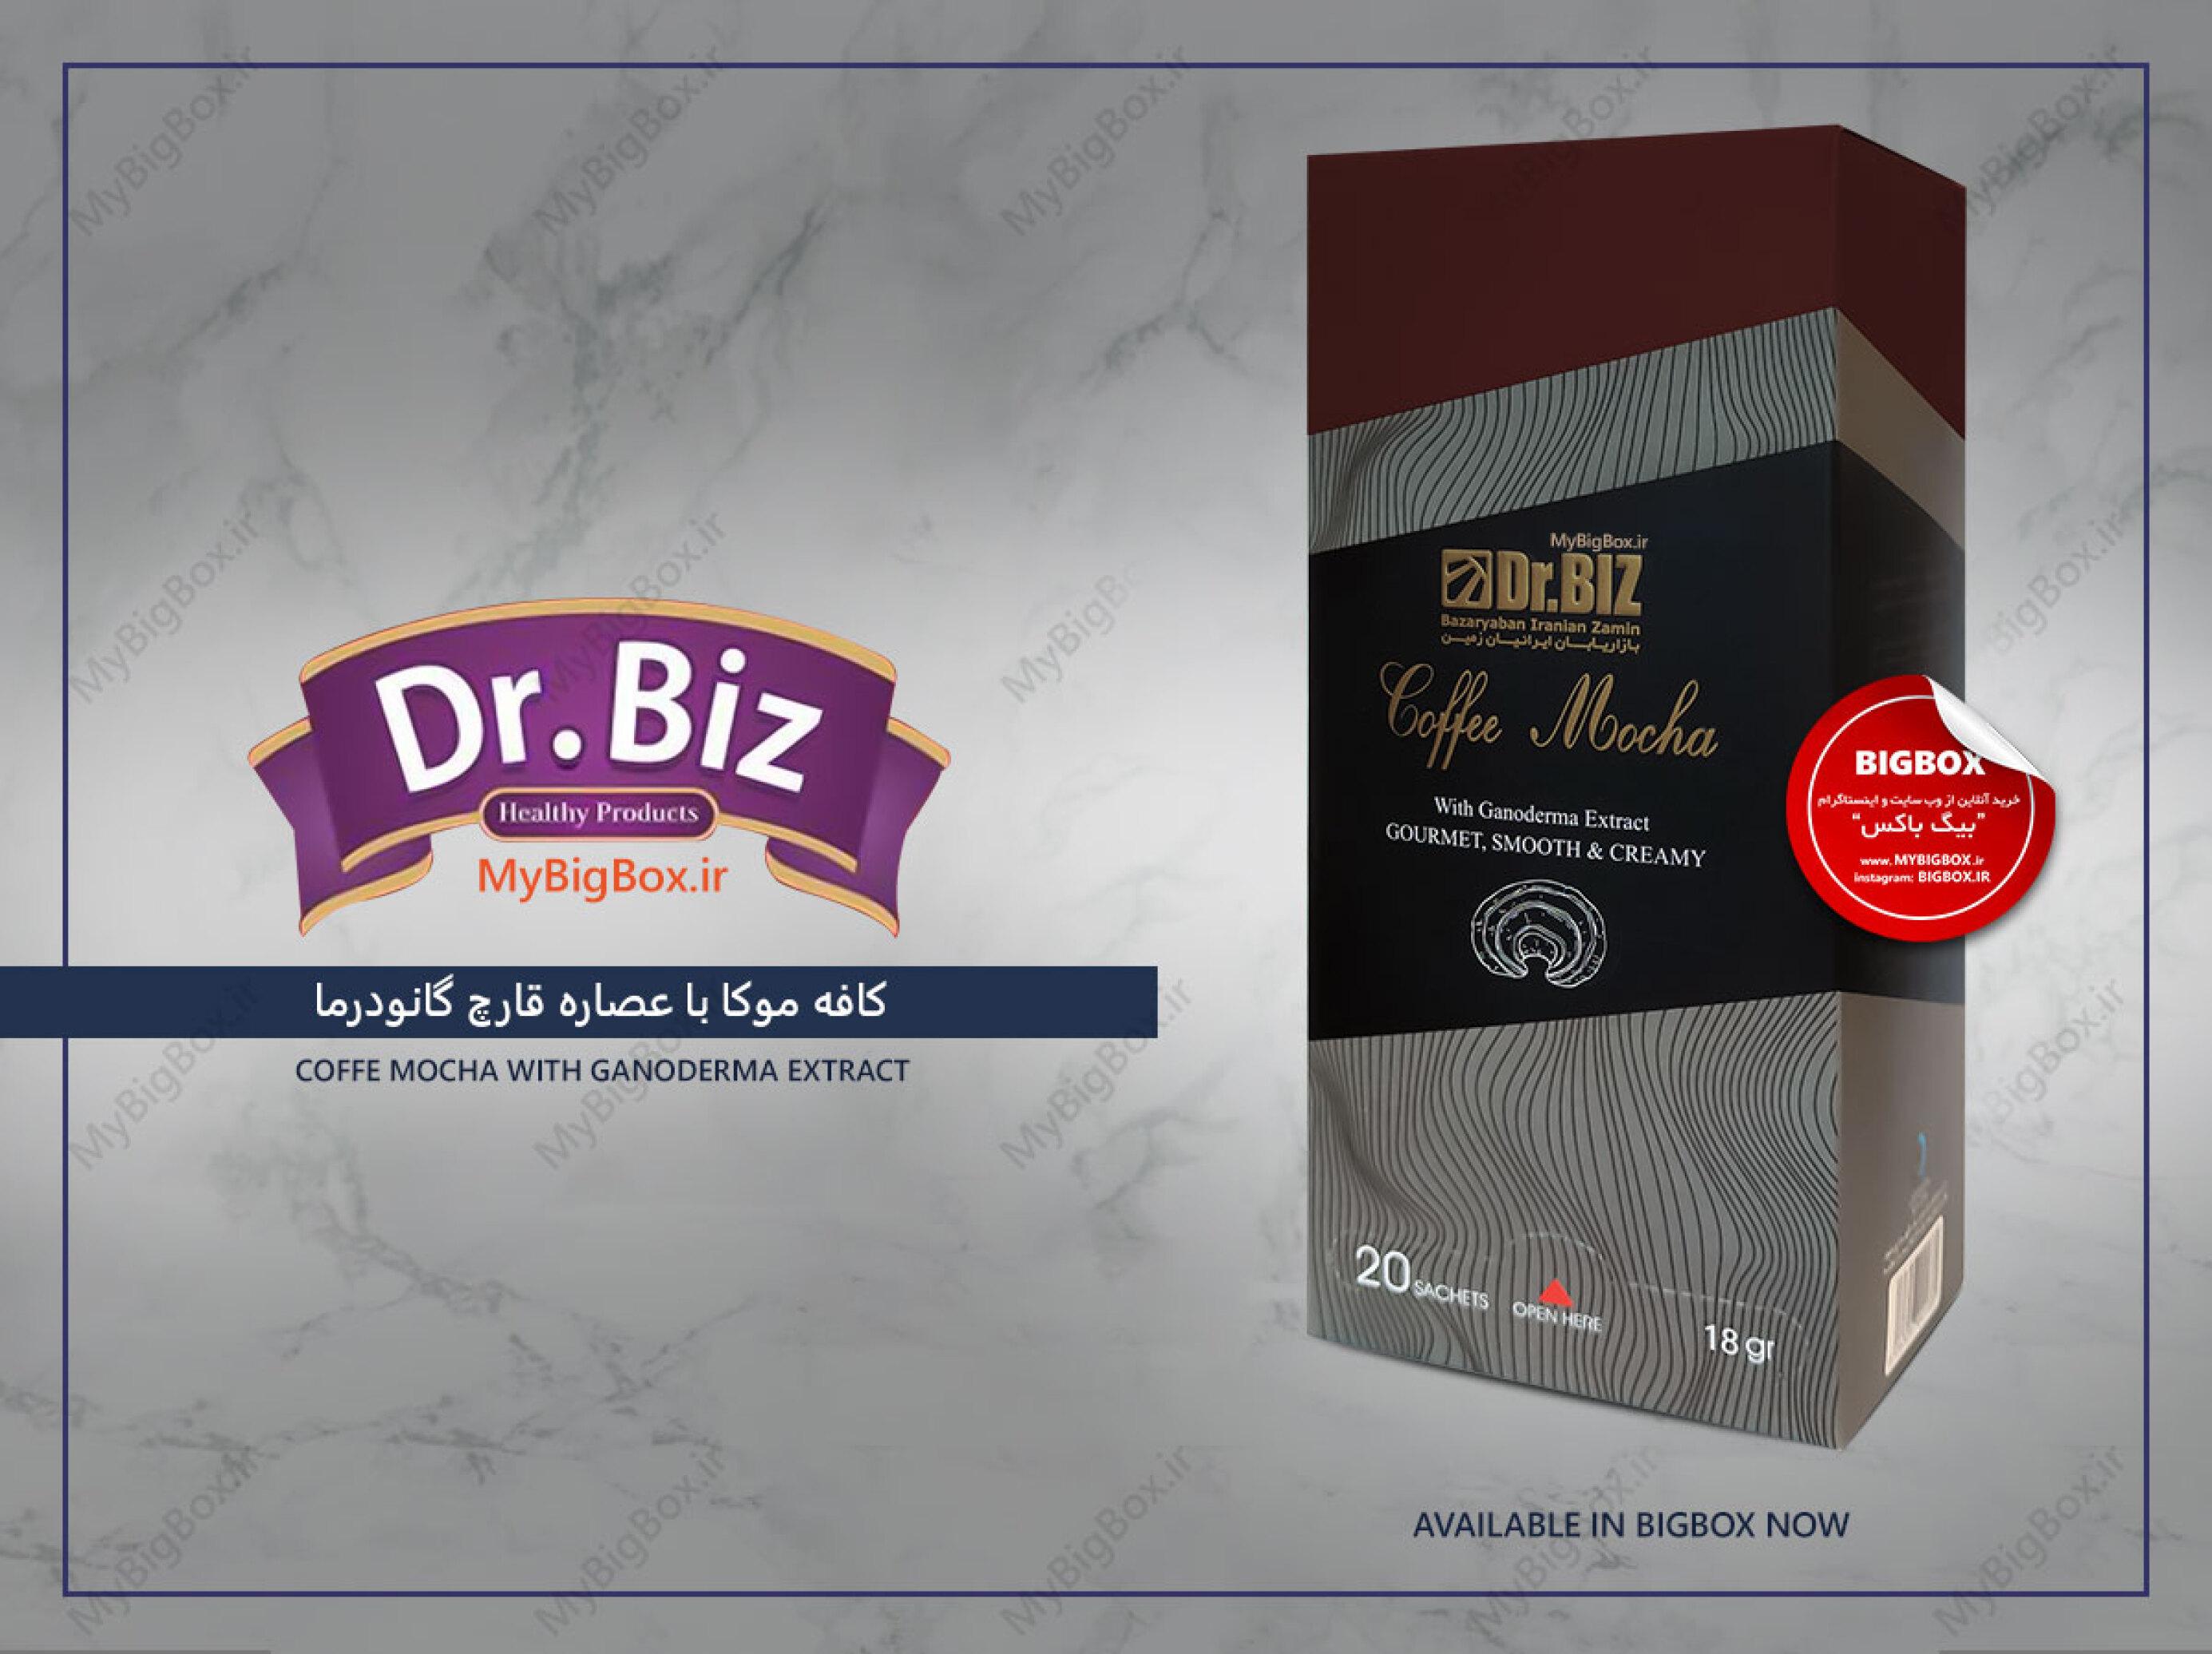 کافه موکا گانودرما دکتر بیز - بسته 20 عددی Dr.Biz Coffee Mocha